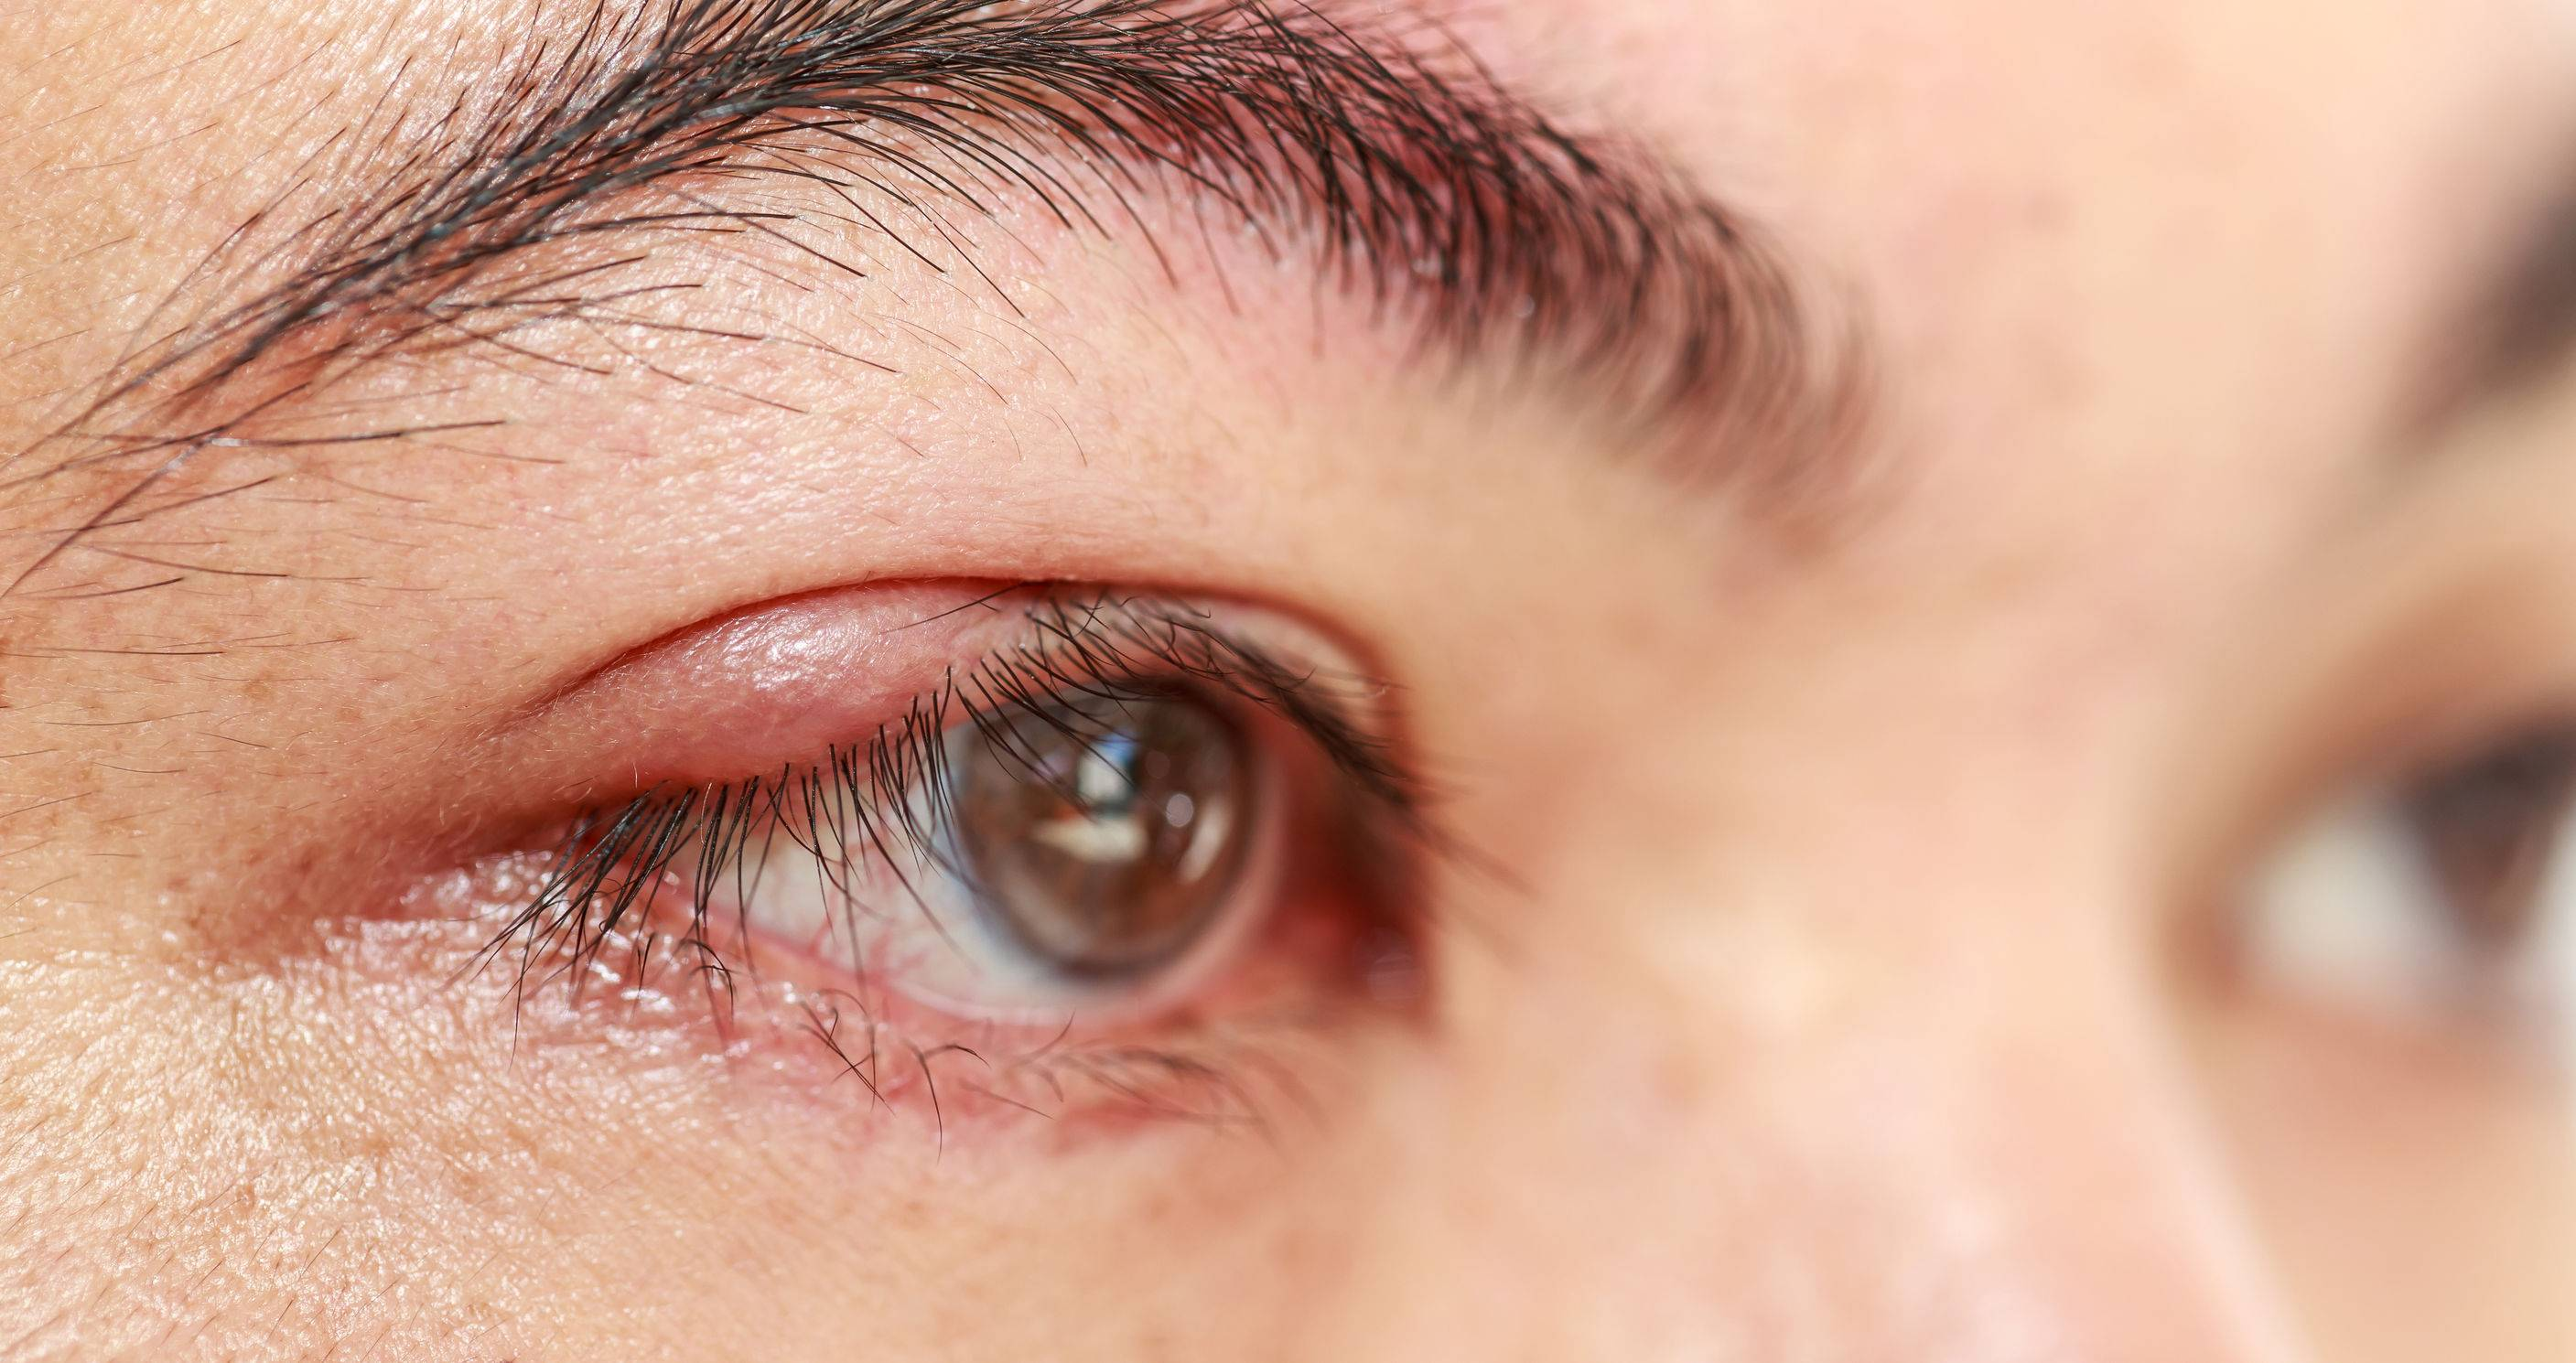 Воспаление века глаза: симптомы и лечение